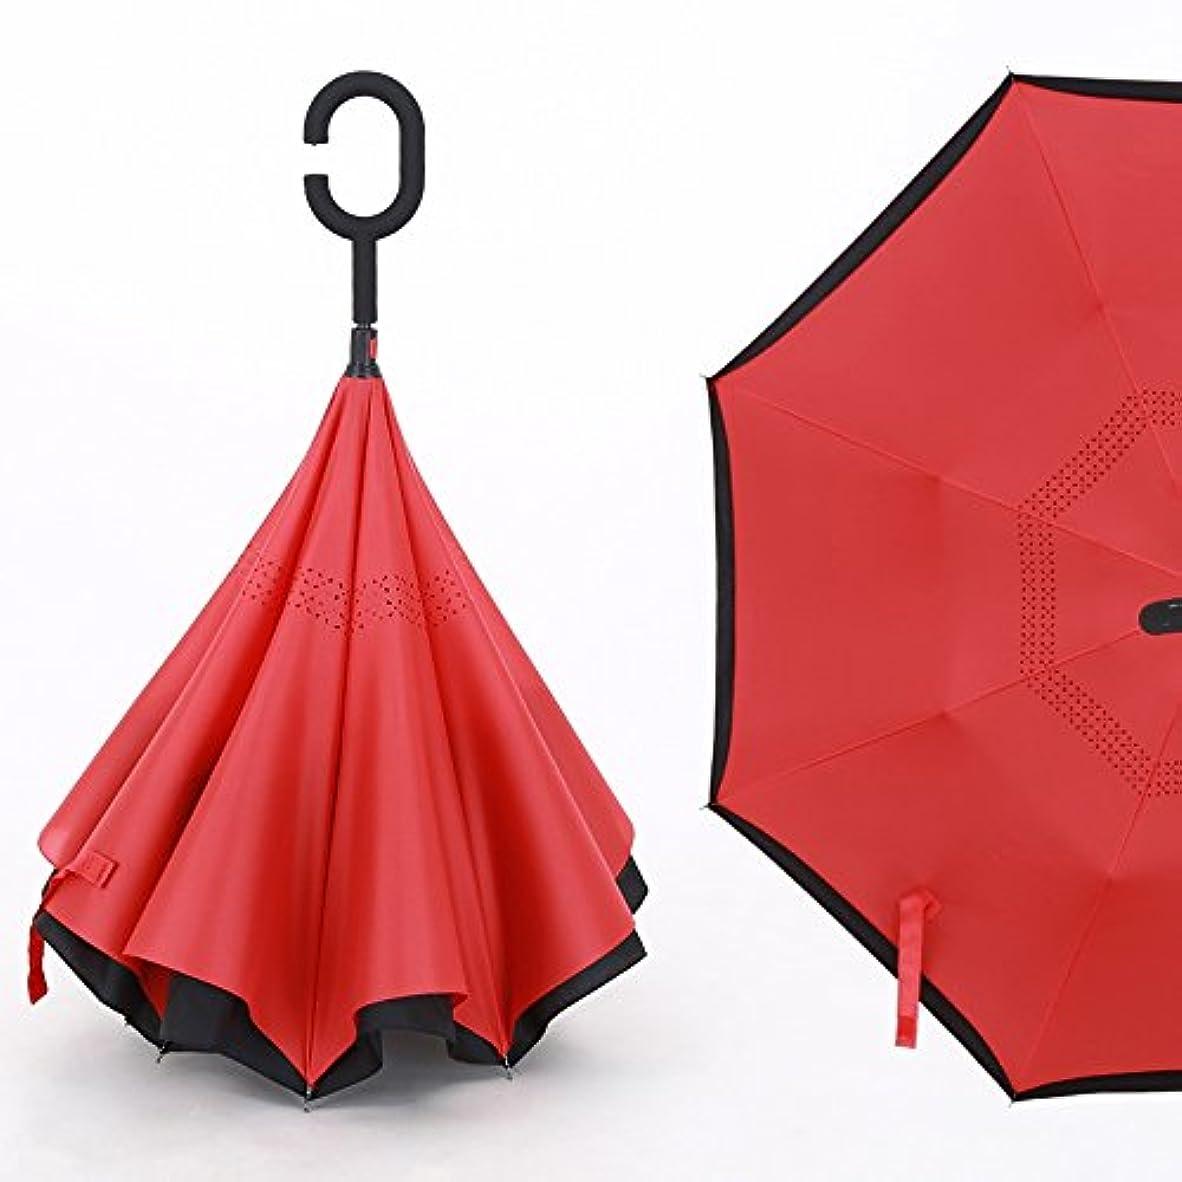 楽しむ広告する許容XRXY 創造性ハンズフリーリバース折り畳みサン傘/ポータブルダブルレイヤードロングハンド傘/ラージピュアカラーデュアルユースパラソル/シンプルな自動車用傘 ( 色 : E )